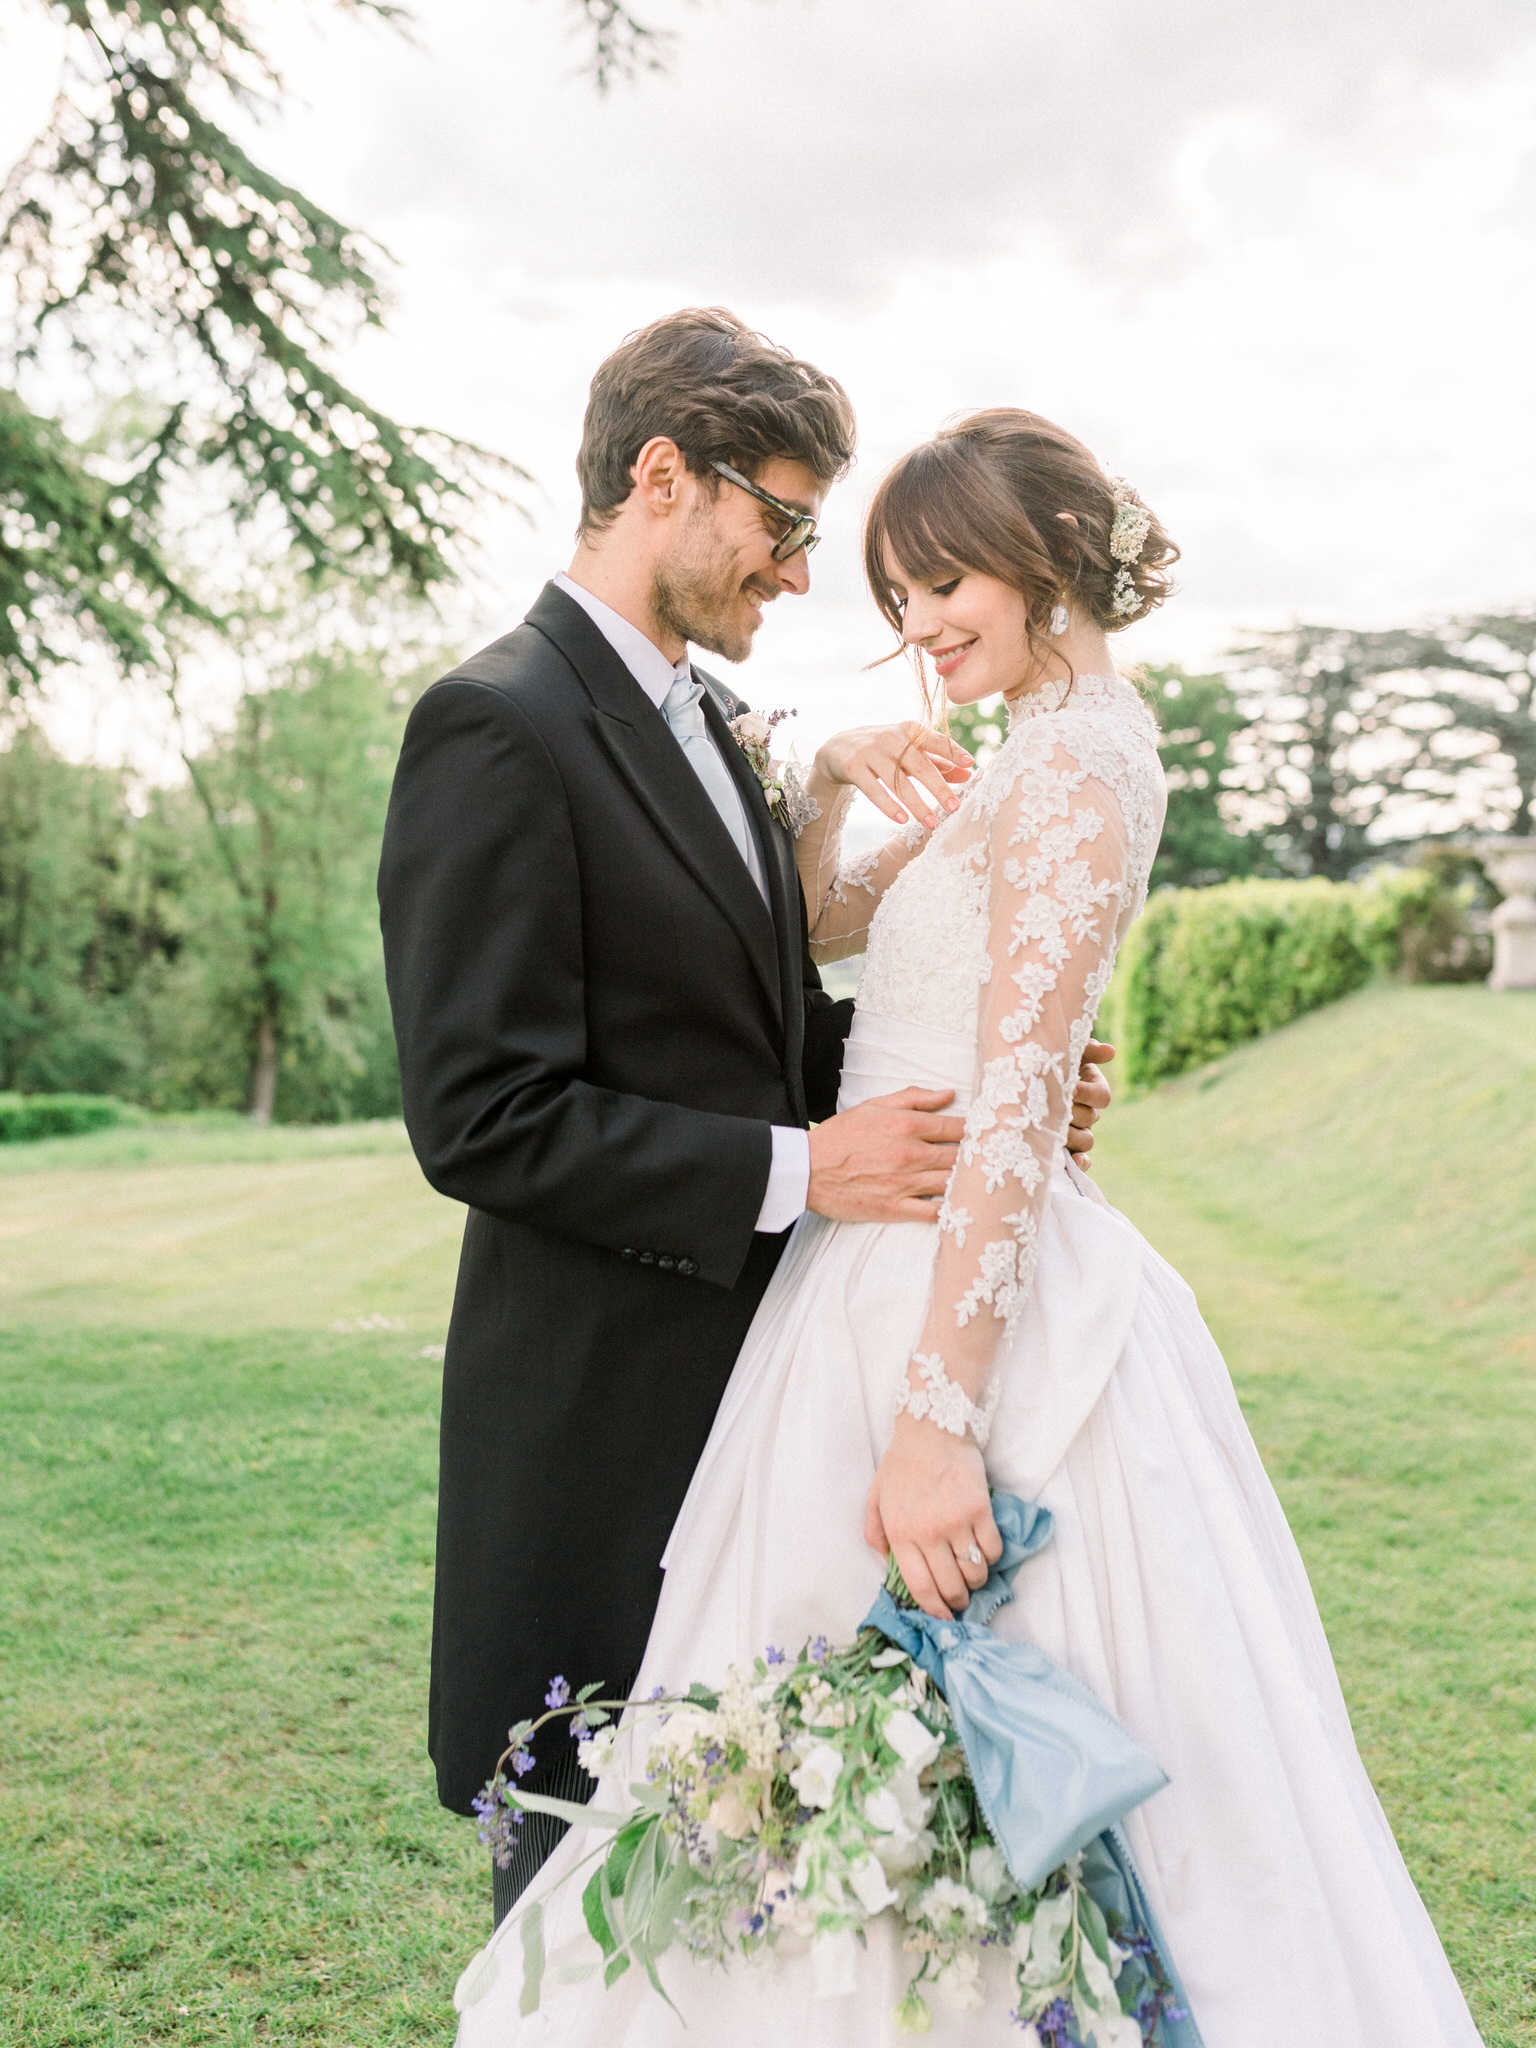 HedsorHousewedding_byJoseChan_283